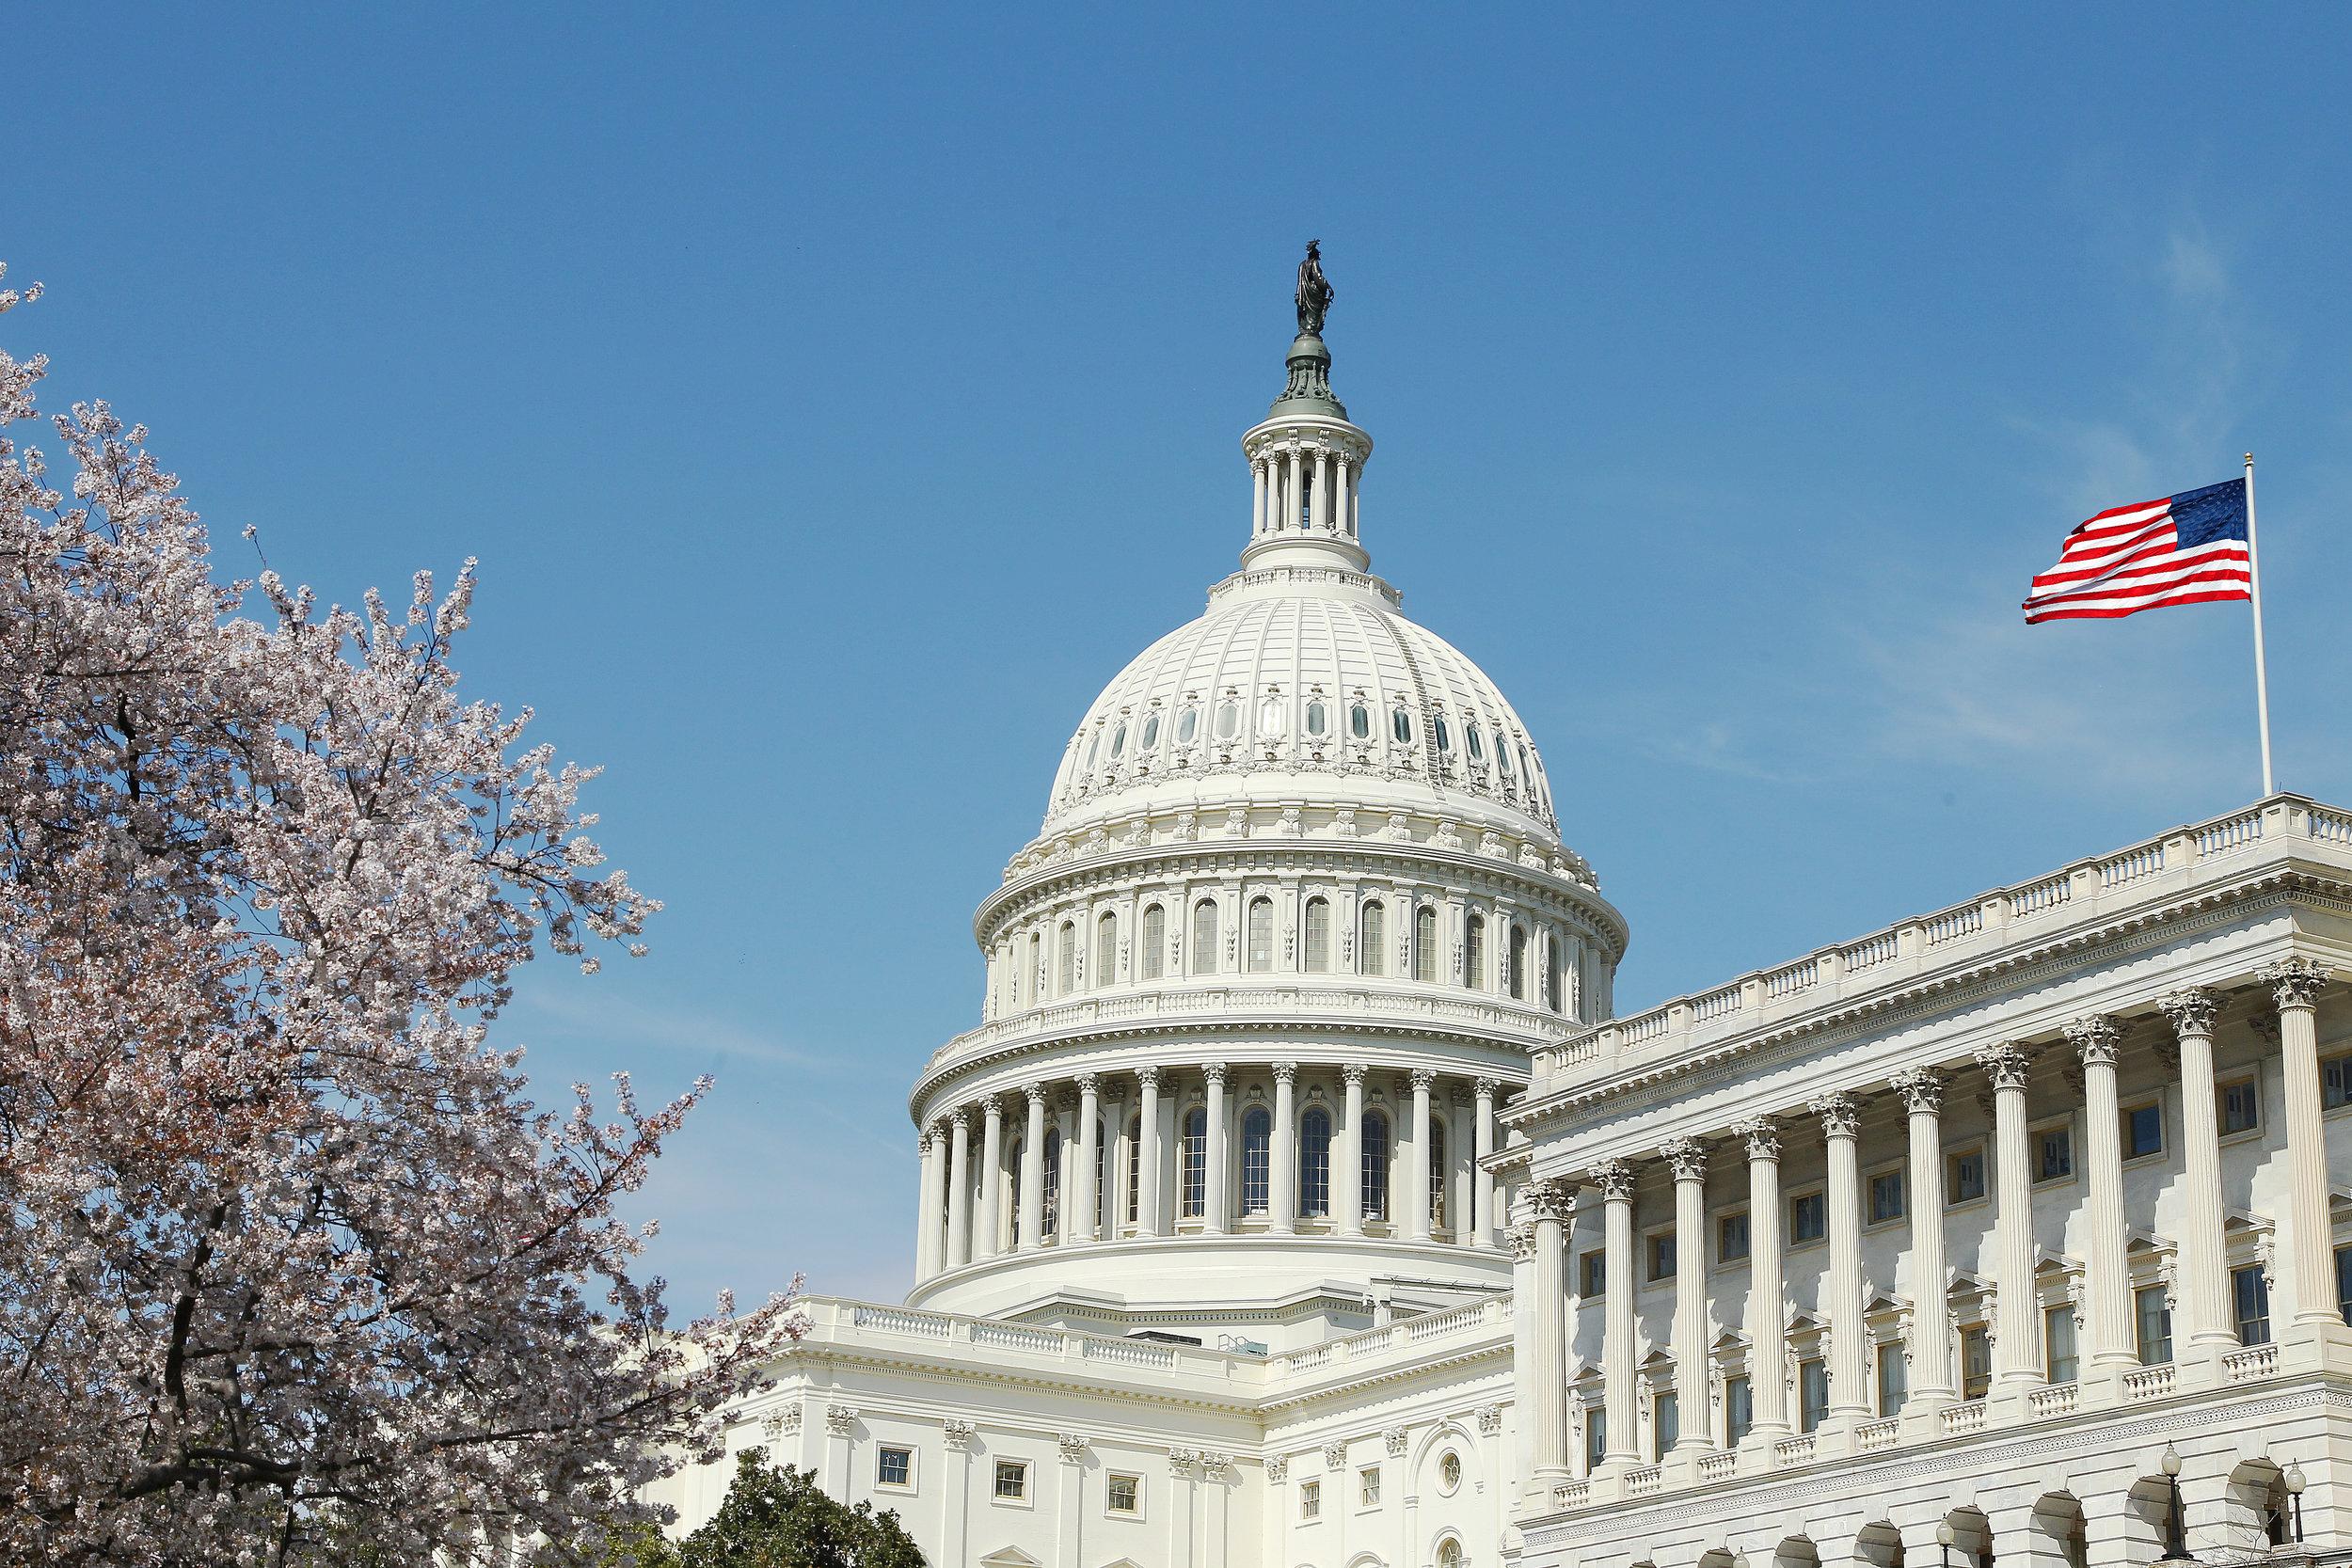 Capitol-Building-U.S.-Congress-513391670_4896x3264.jpeg